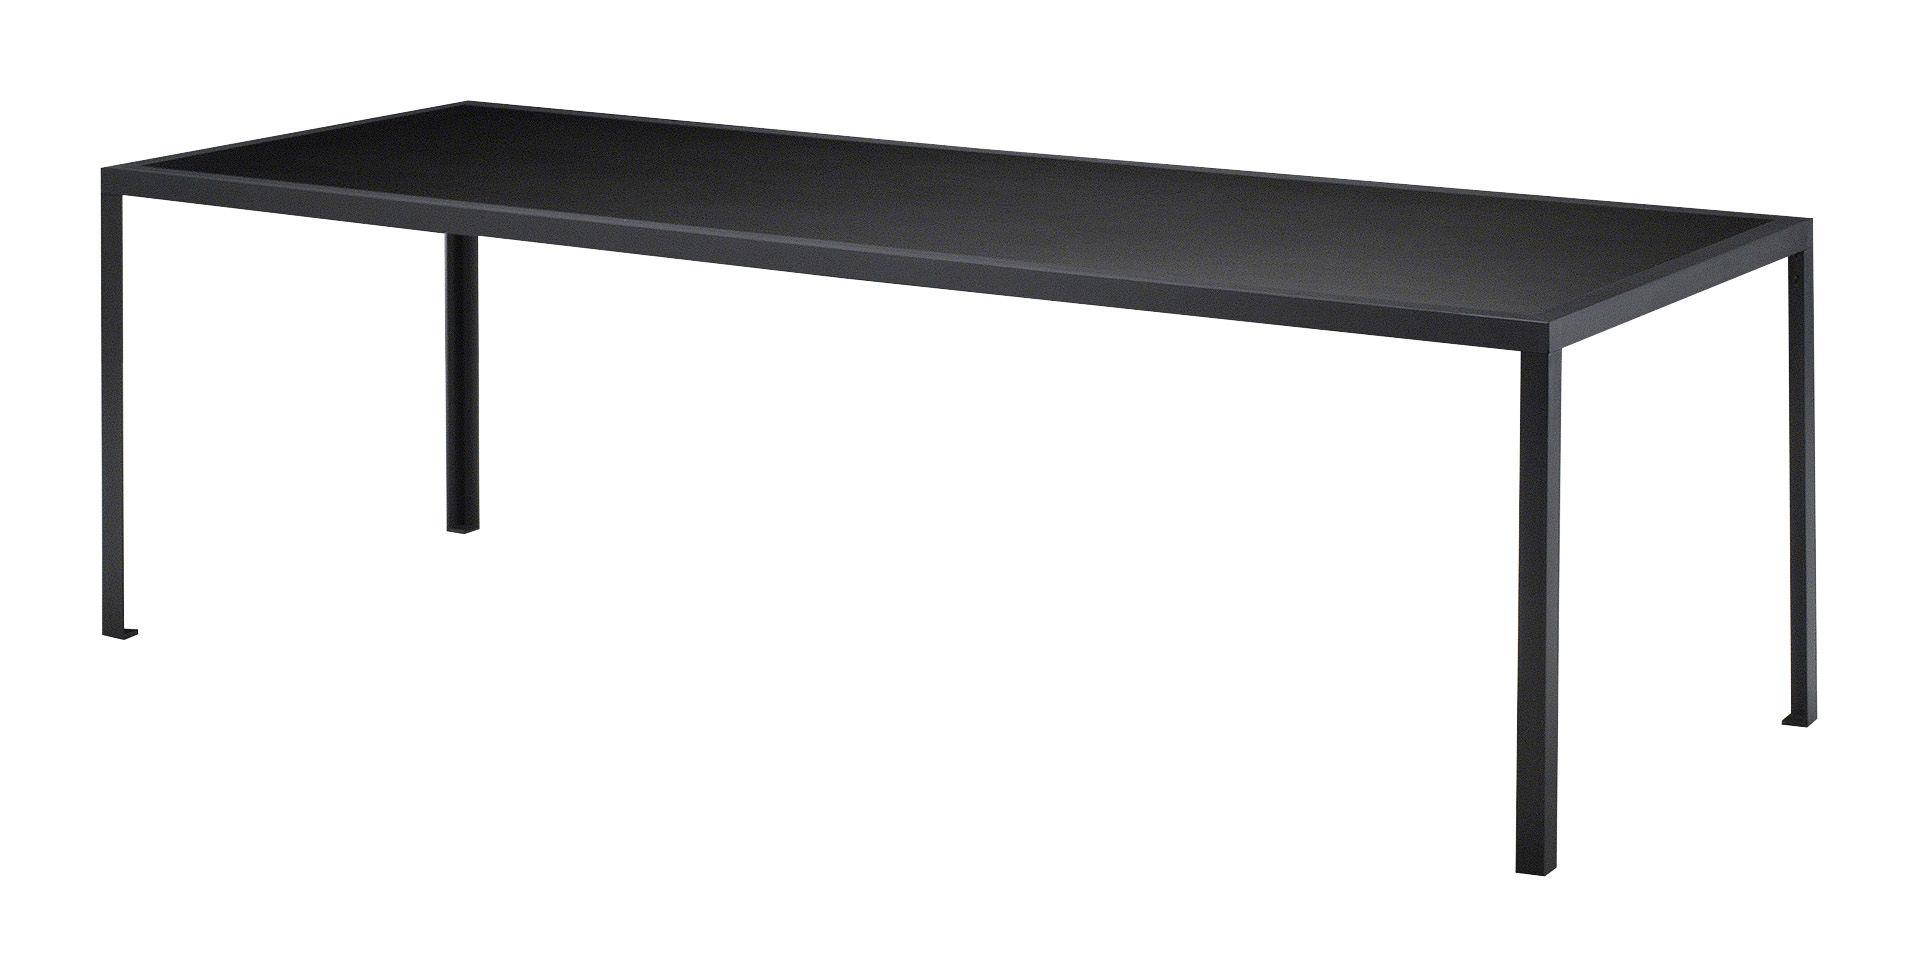 Mobilier - Tables - Table Tavolo / 160 x 75 cm - Plateau linoleum - Zeus - Noir - Acier peint, Linoléum